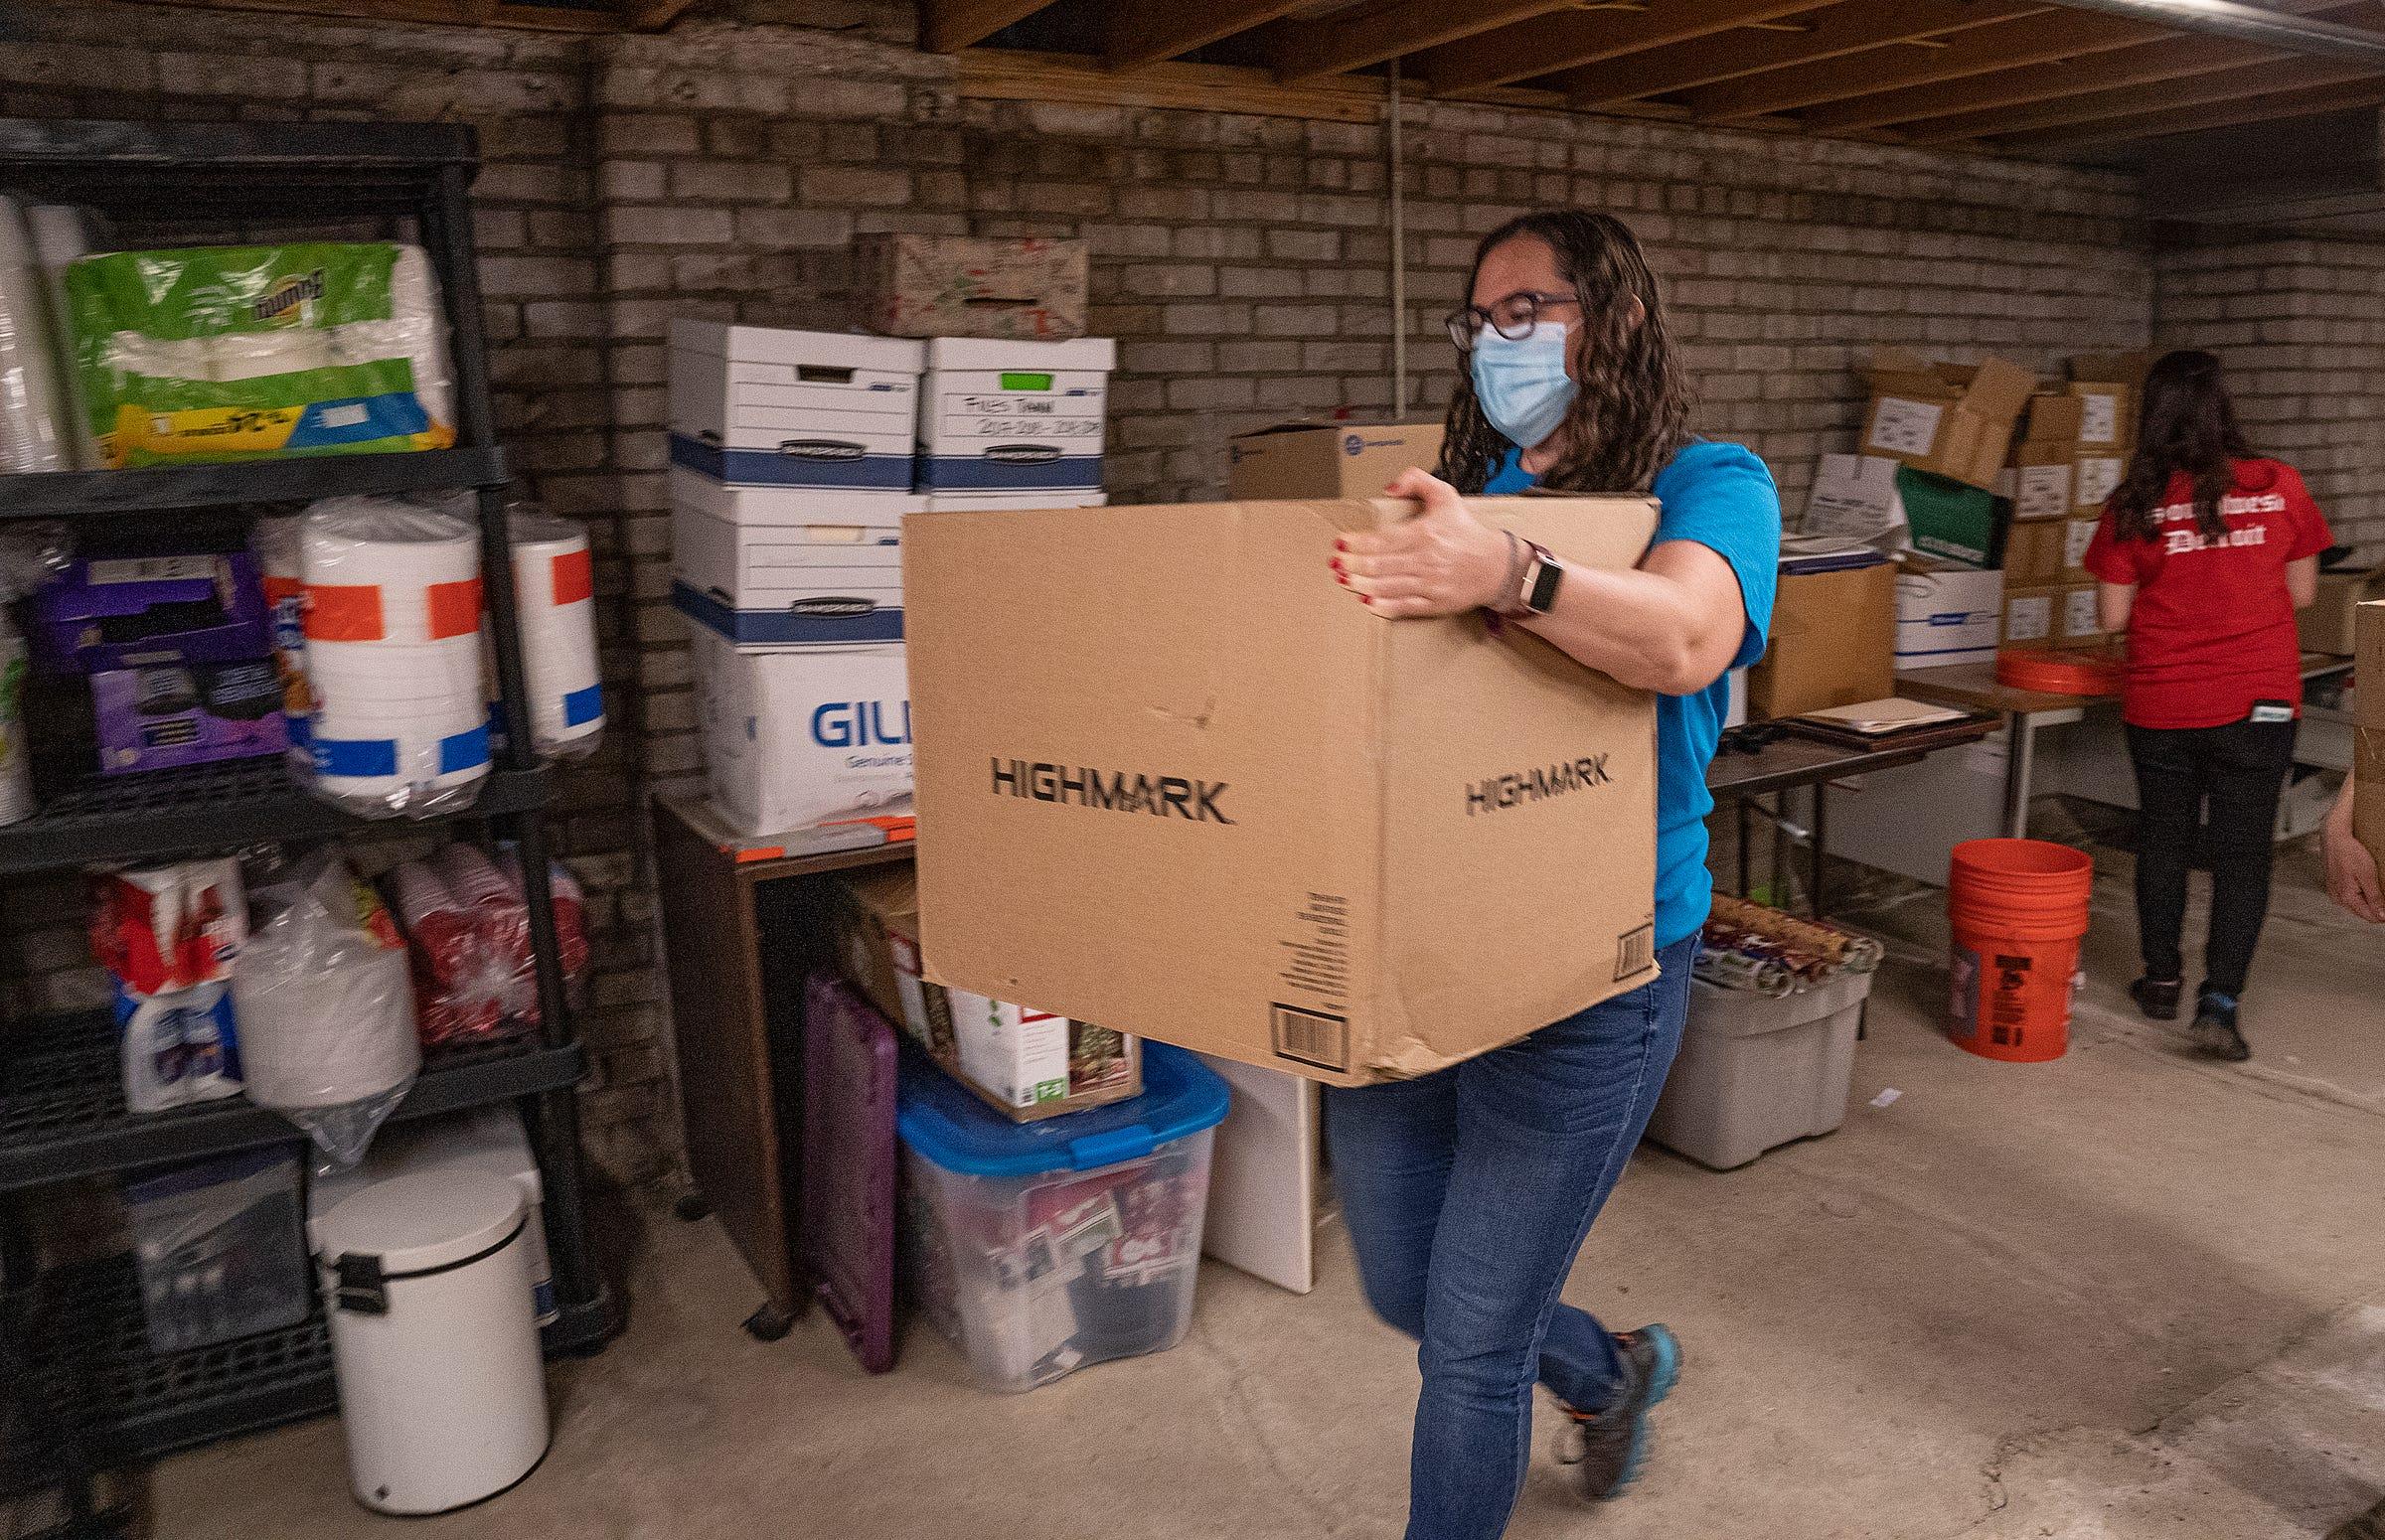 Lindsey Watson, 31 años, organizadora comunitaria de Congress of Communities en Southwest Detroit, mueve una caja el 22 de abril de 2021 para ayudar en las preparaciones de la mudanza a las nuevas oficinas centrales de la organización.